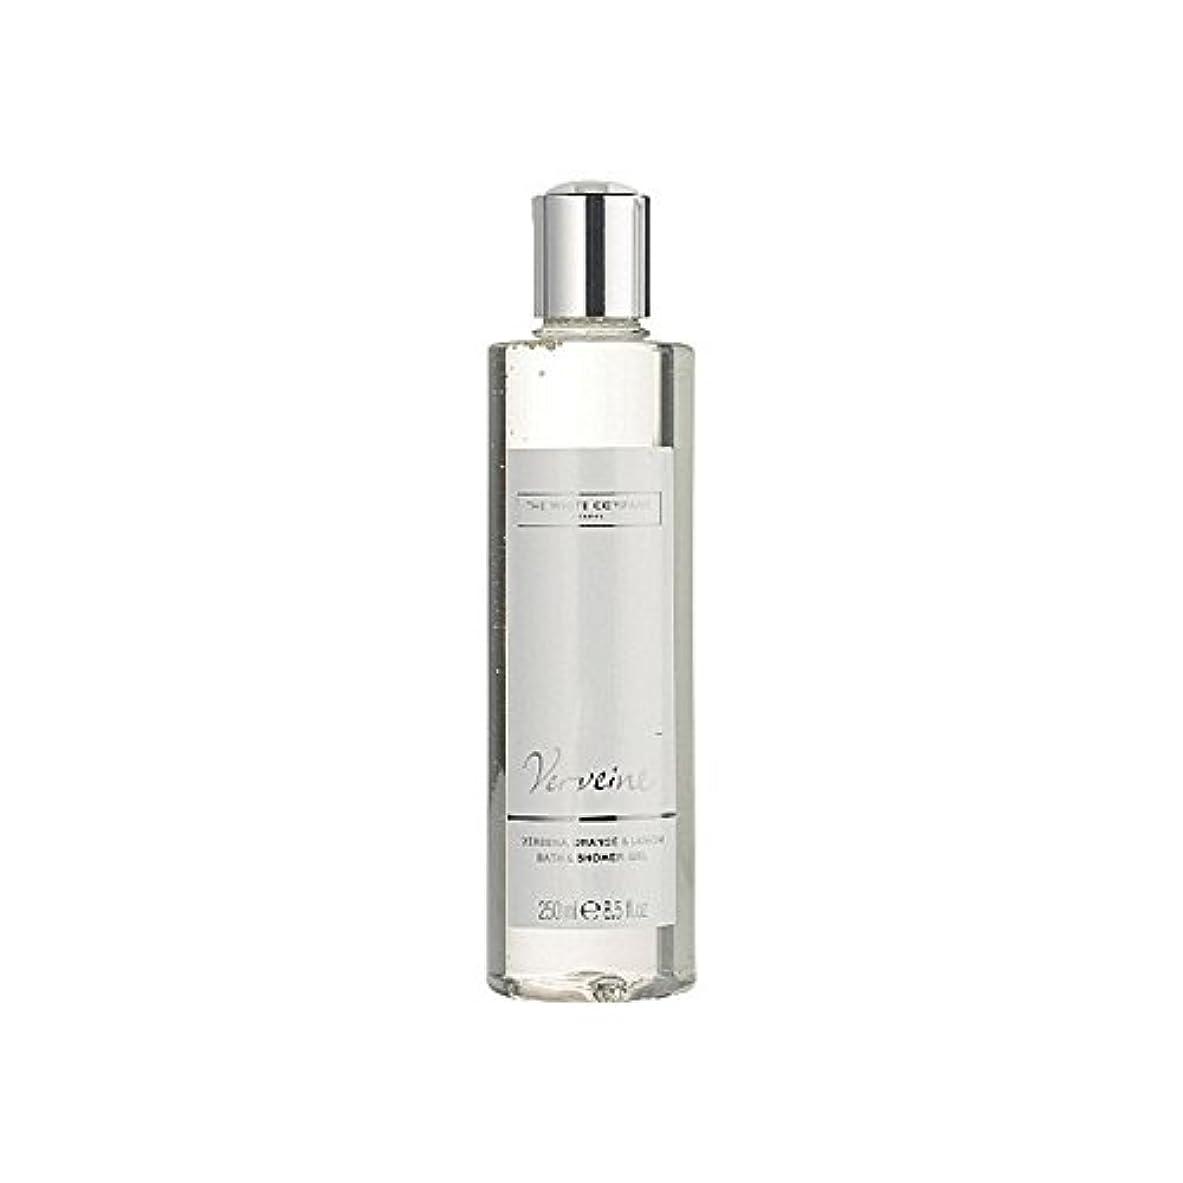 デクリメント冷酷な分注するバス&シャワージェル白会社 x4 - The White Company Verveine Bath & Shower Gel (Pack of 4) [並行輸入品]